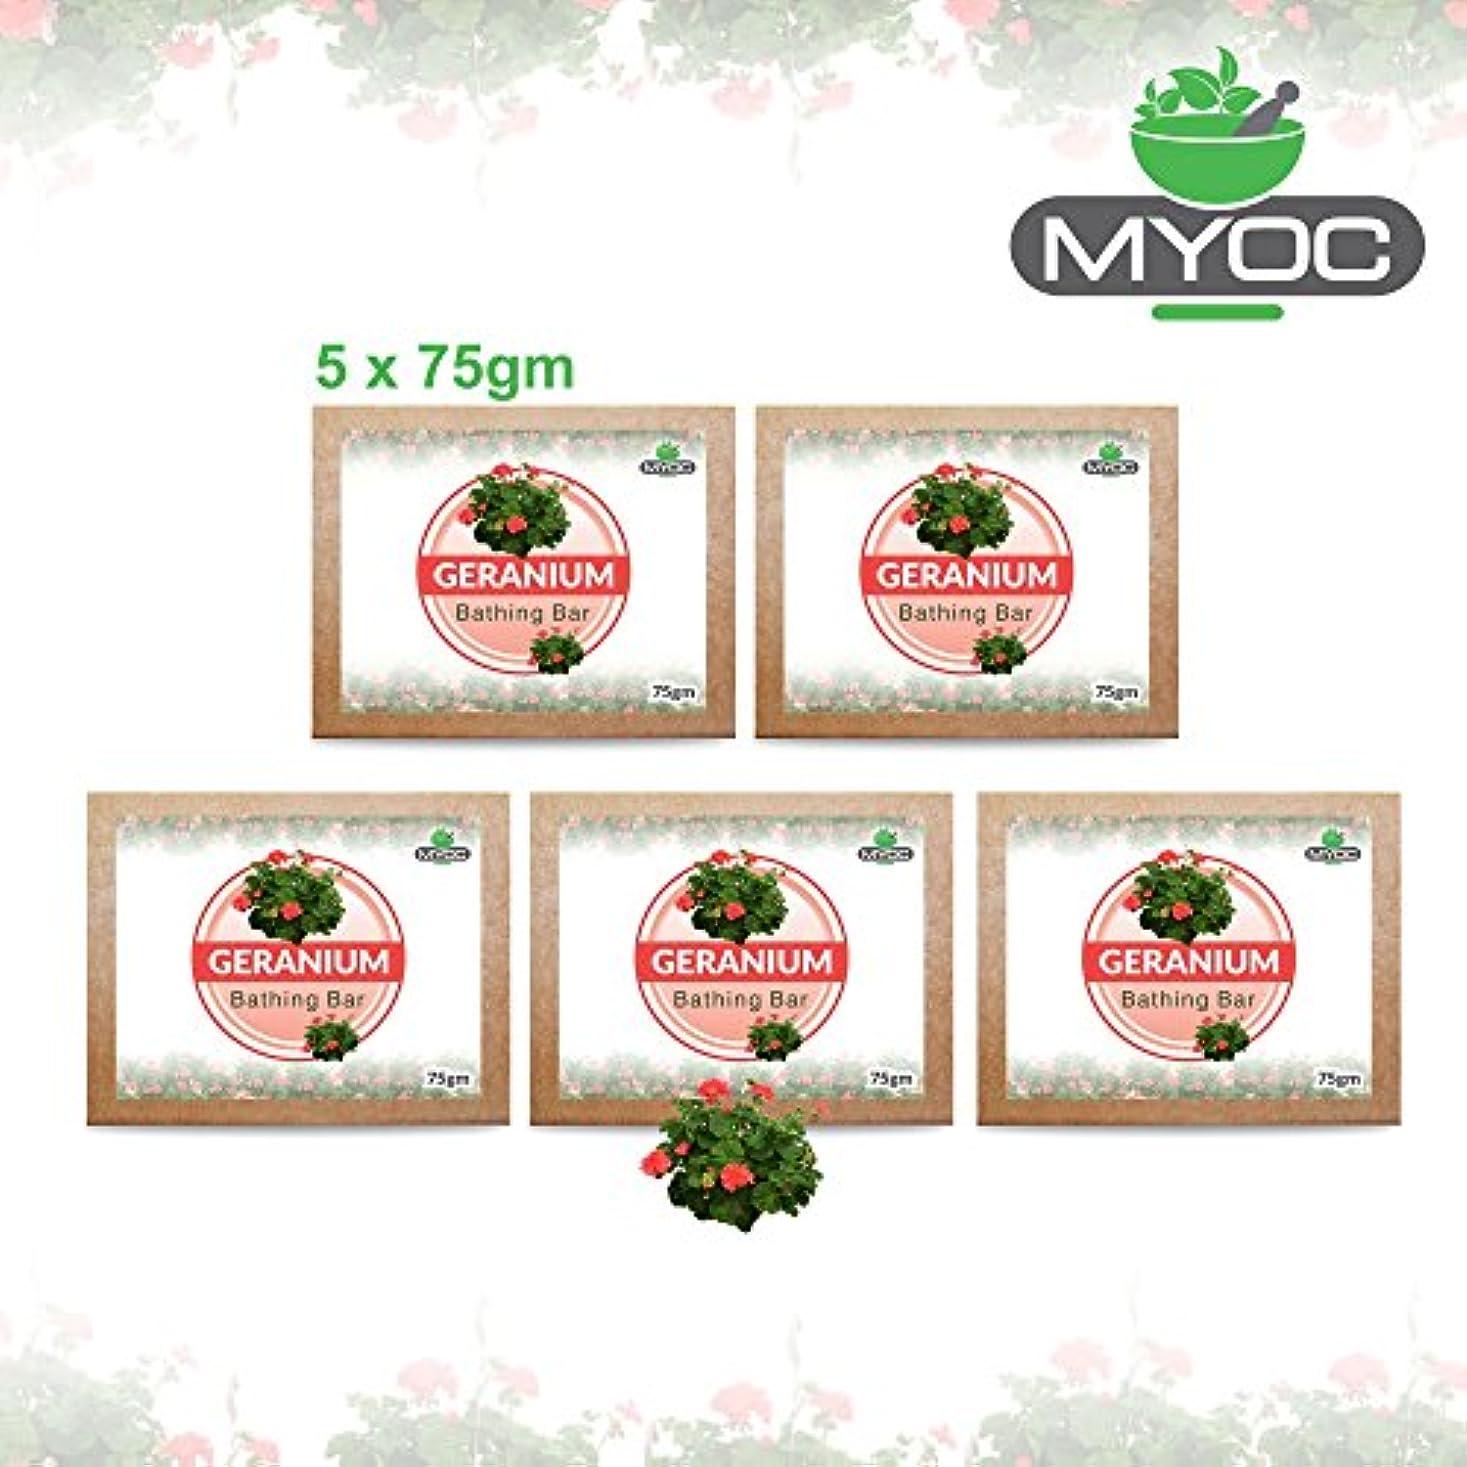 続ける波顧問Geranium Oil soap an excellent moisturizer for mature, dry skin 75gm. X 5 Pack